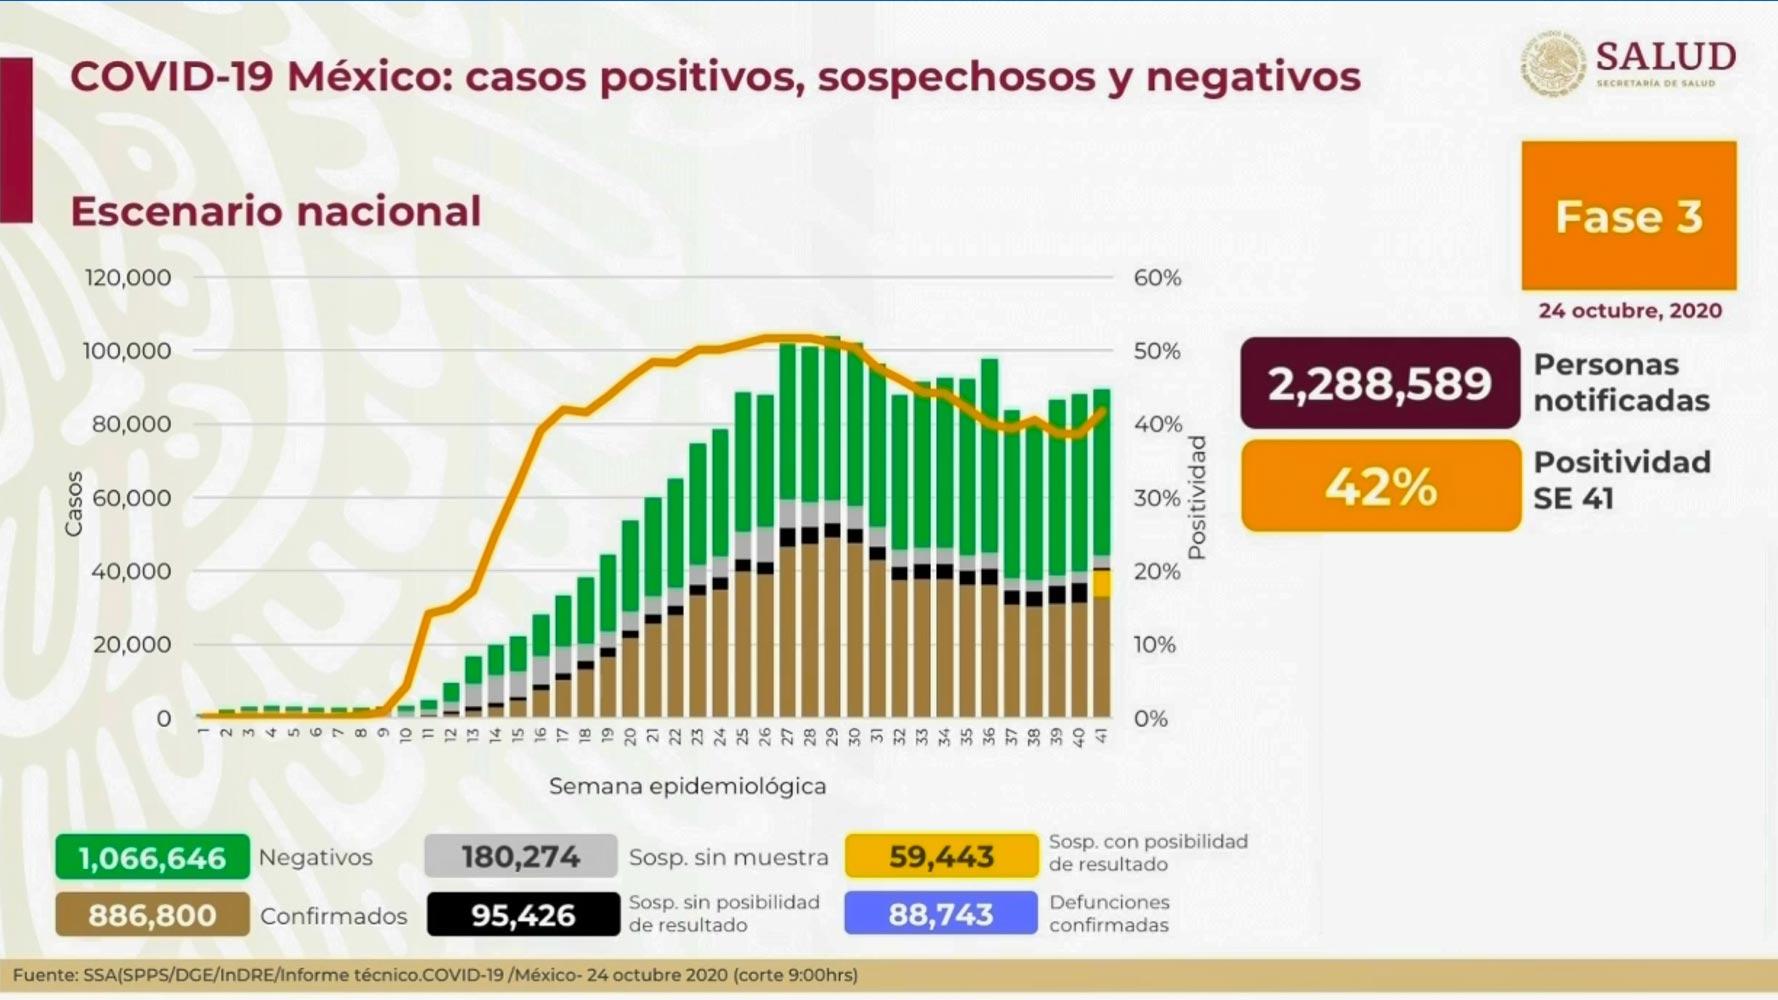 MÉXICO REGISTRA EN UN DÍA 6 MIL 25 CONTAGIOS DE COVID-19; YA ACUMULA 886 MIL 800